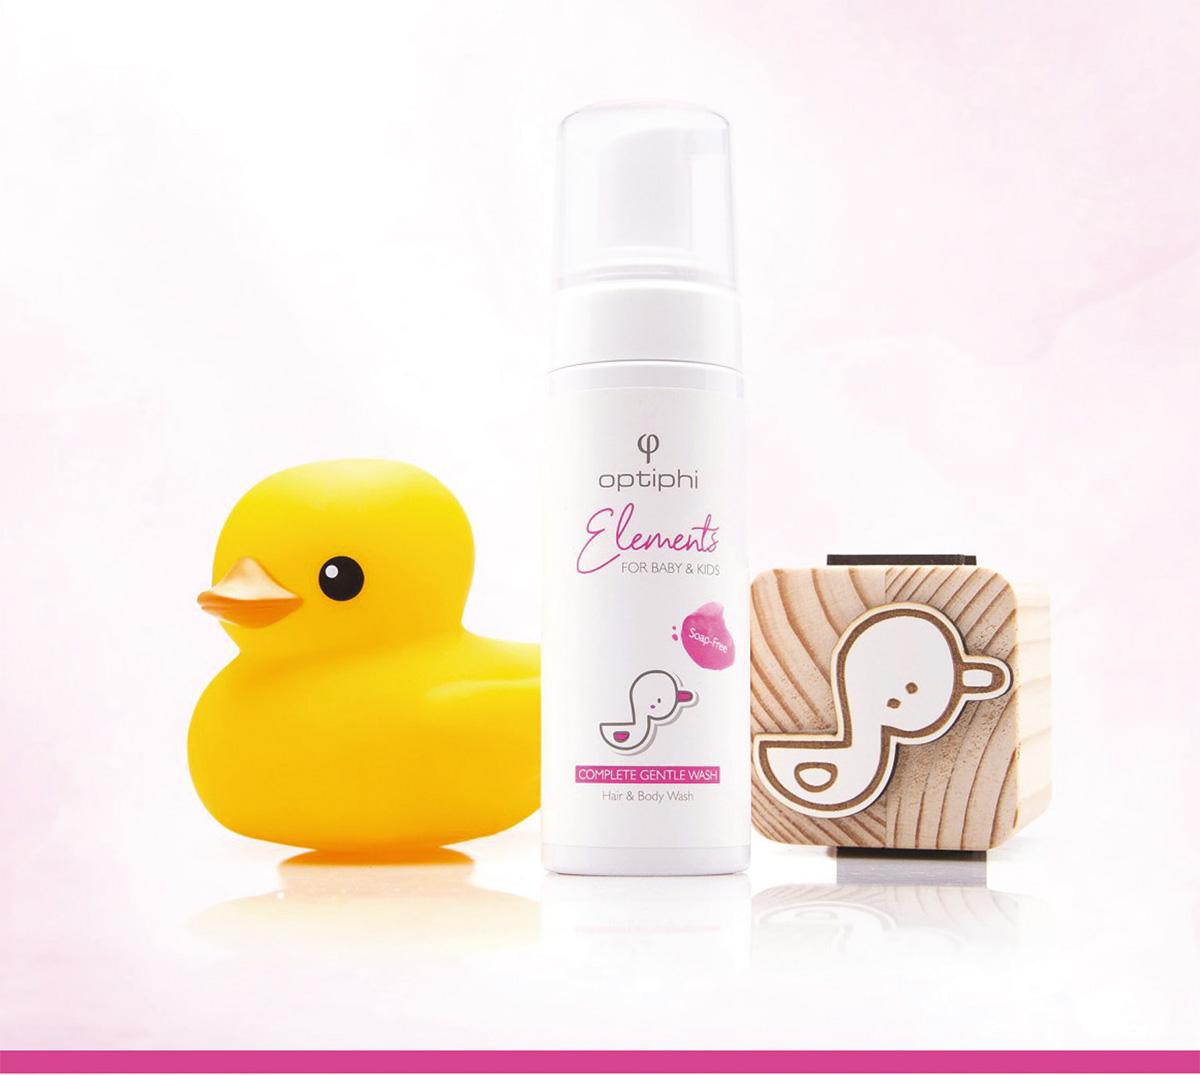 Die seifenfreie Haar- & Körperwäsche Produktfoto: Weiße Pumpflasche mit Aufschrift in Pink. Baby Haar und Bodywaschgel. Rechts ein Holzwürfel der eine Zeichnung mit einer Ente zeigt. Links eine gelbe Badeente